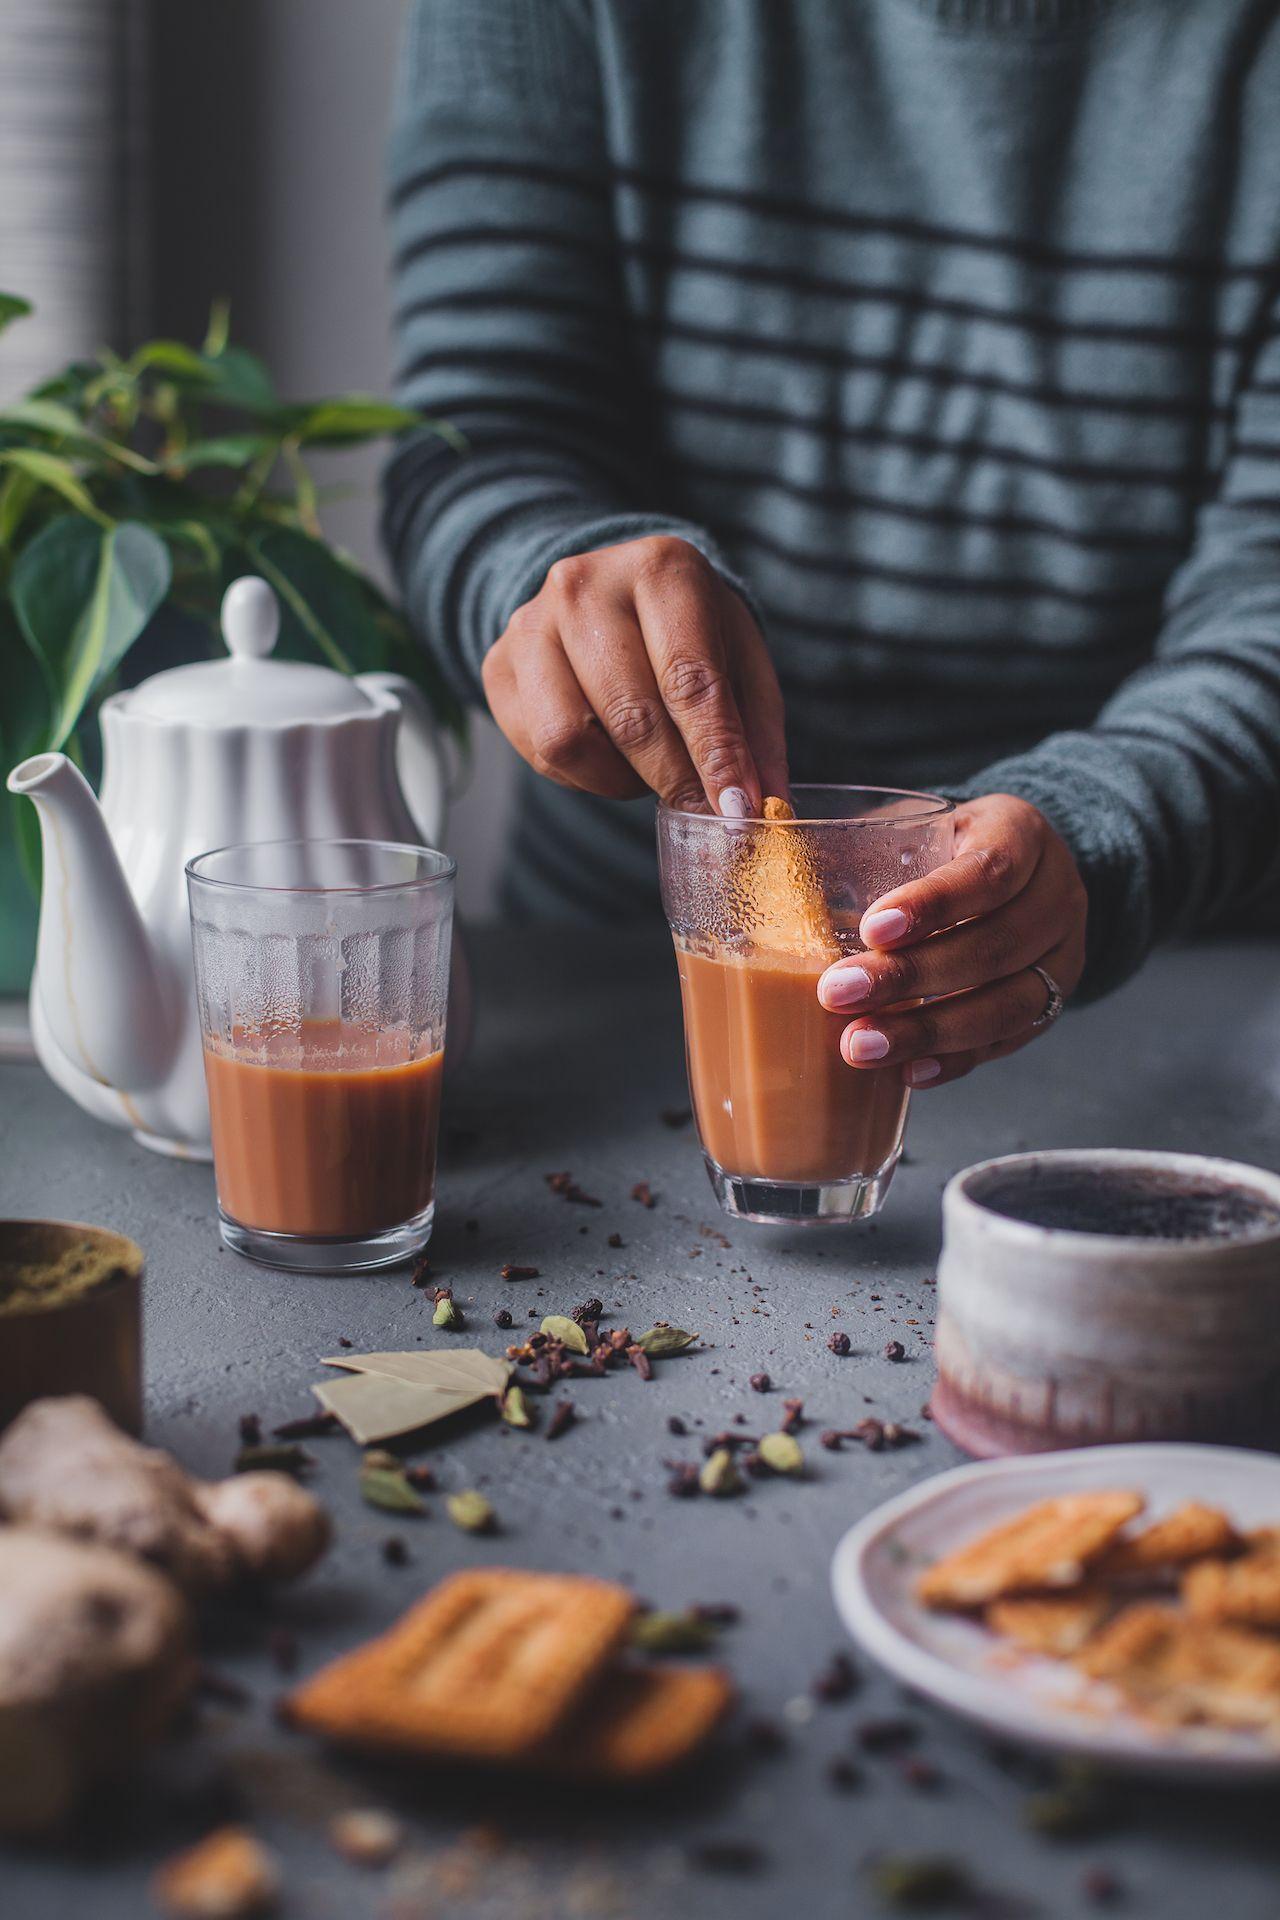 Indian Masala Chai (Spiced Milk Tea) Recipe Masala